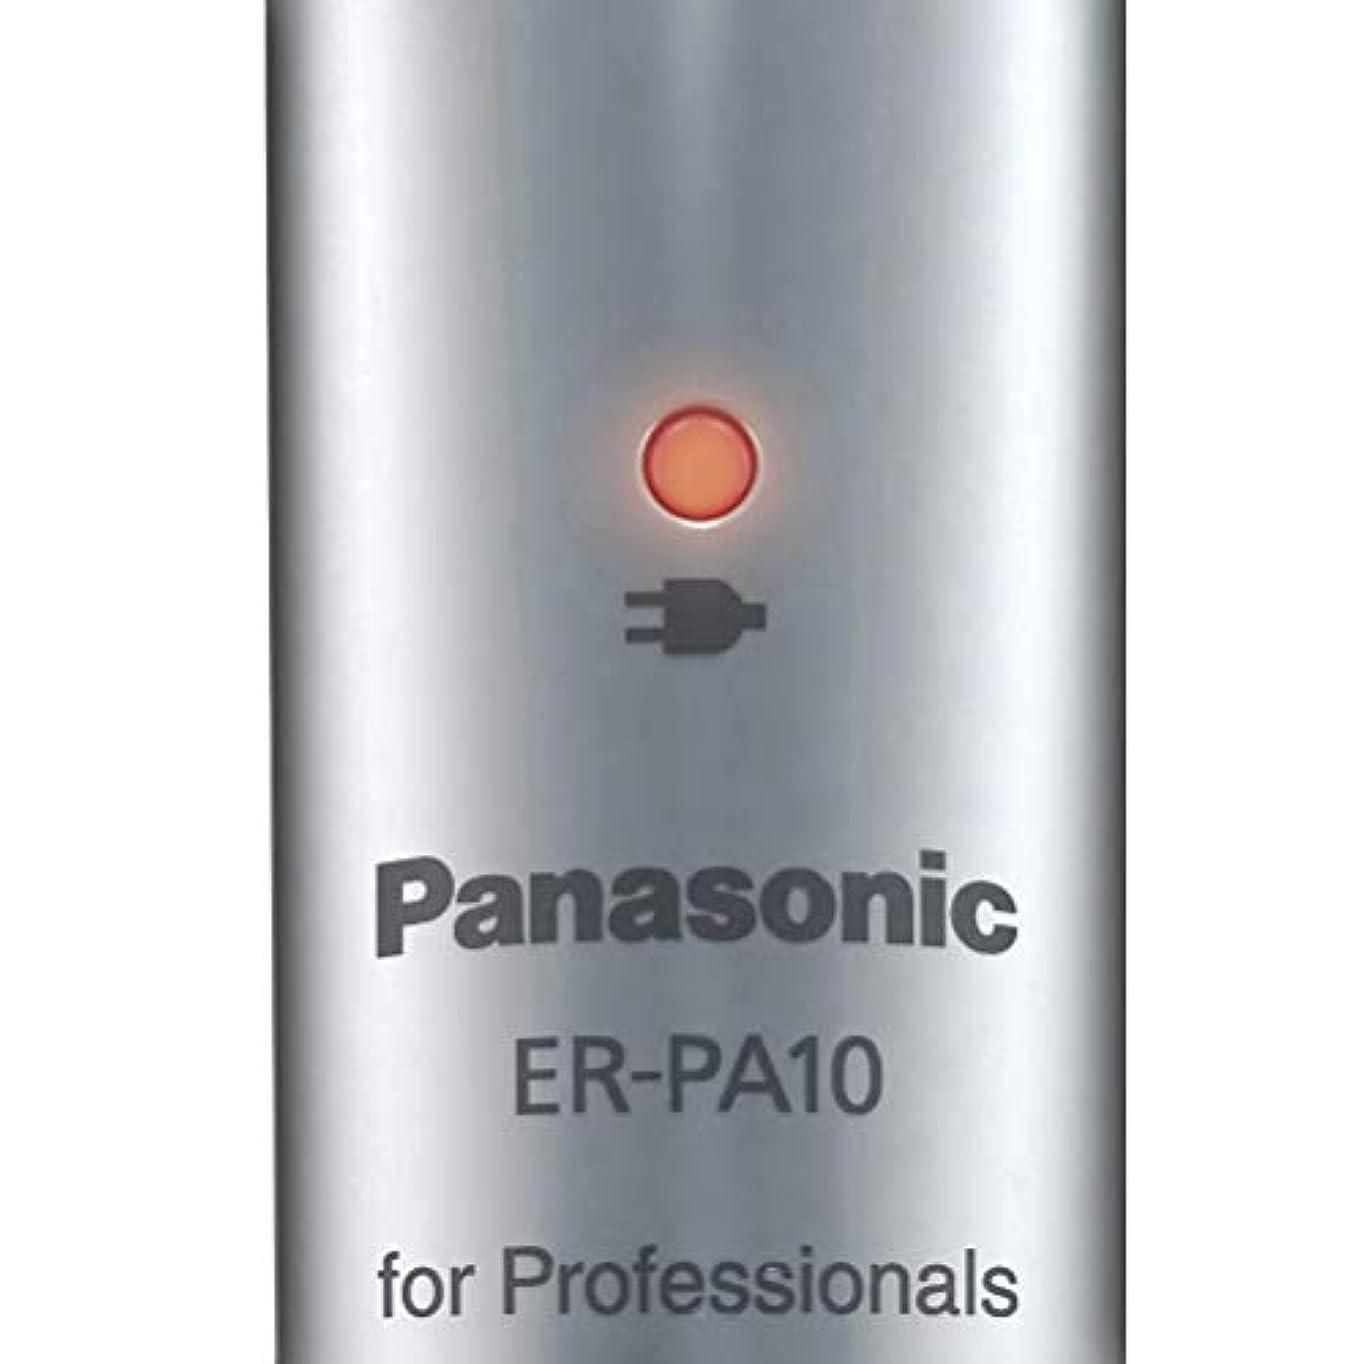 ヒープ振り向く勝利したプロトリマー ER-PA10-S 充電式